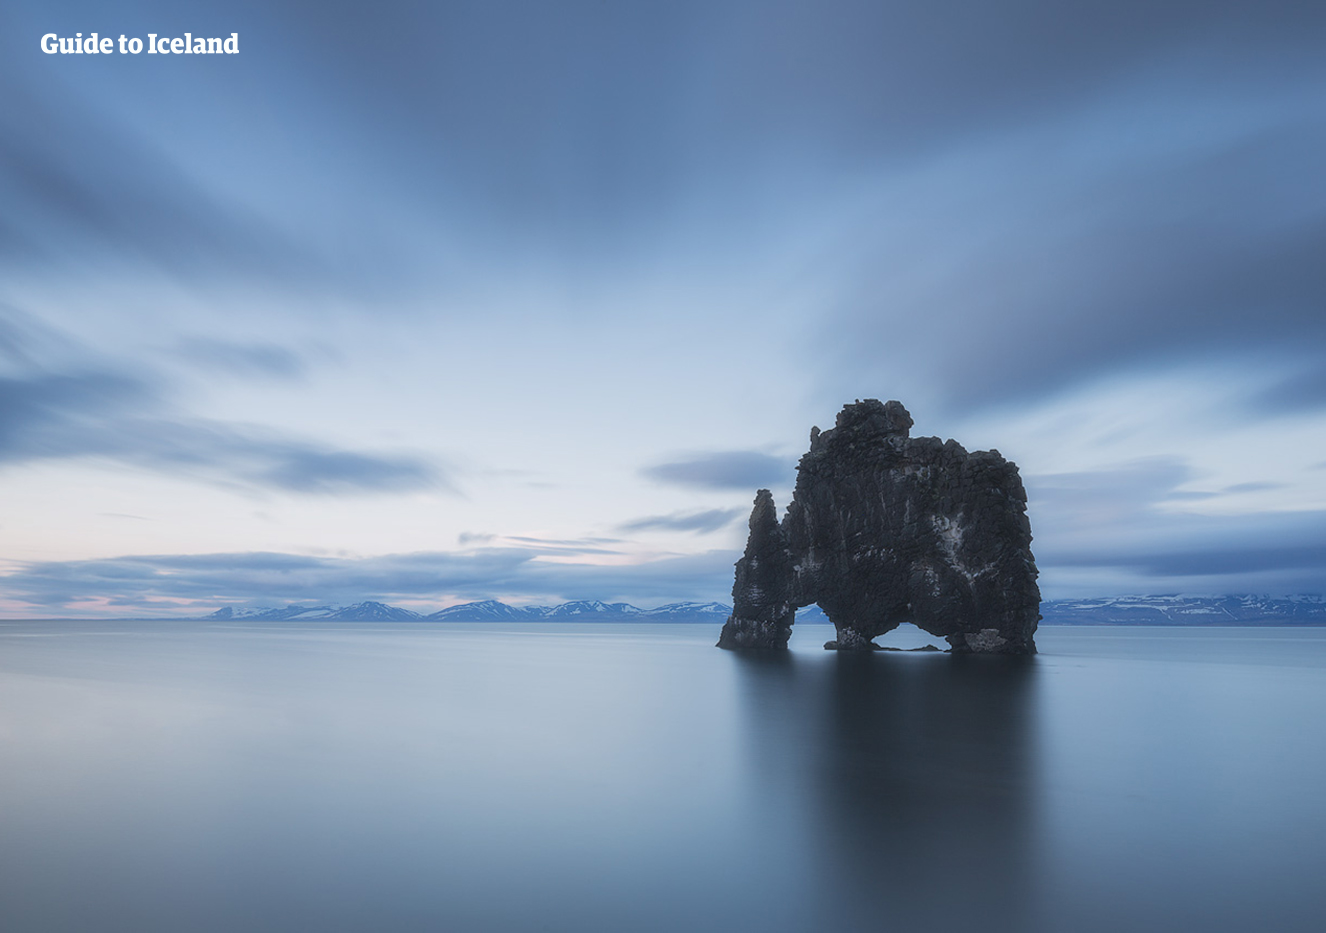 Den dramatiske Hvítserkur-klippeformation i Nordisland, der rejser sig fra havet som en frygtindgydende drage